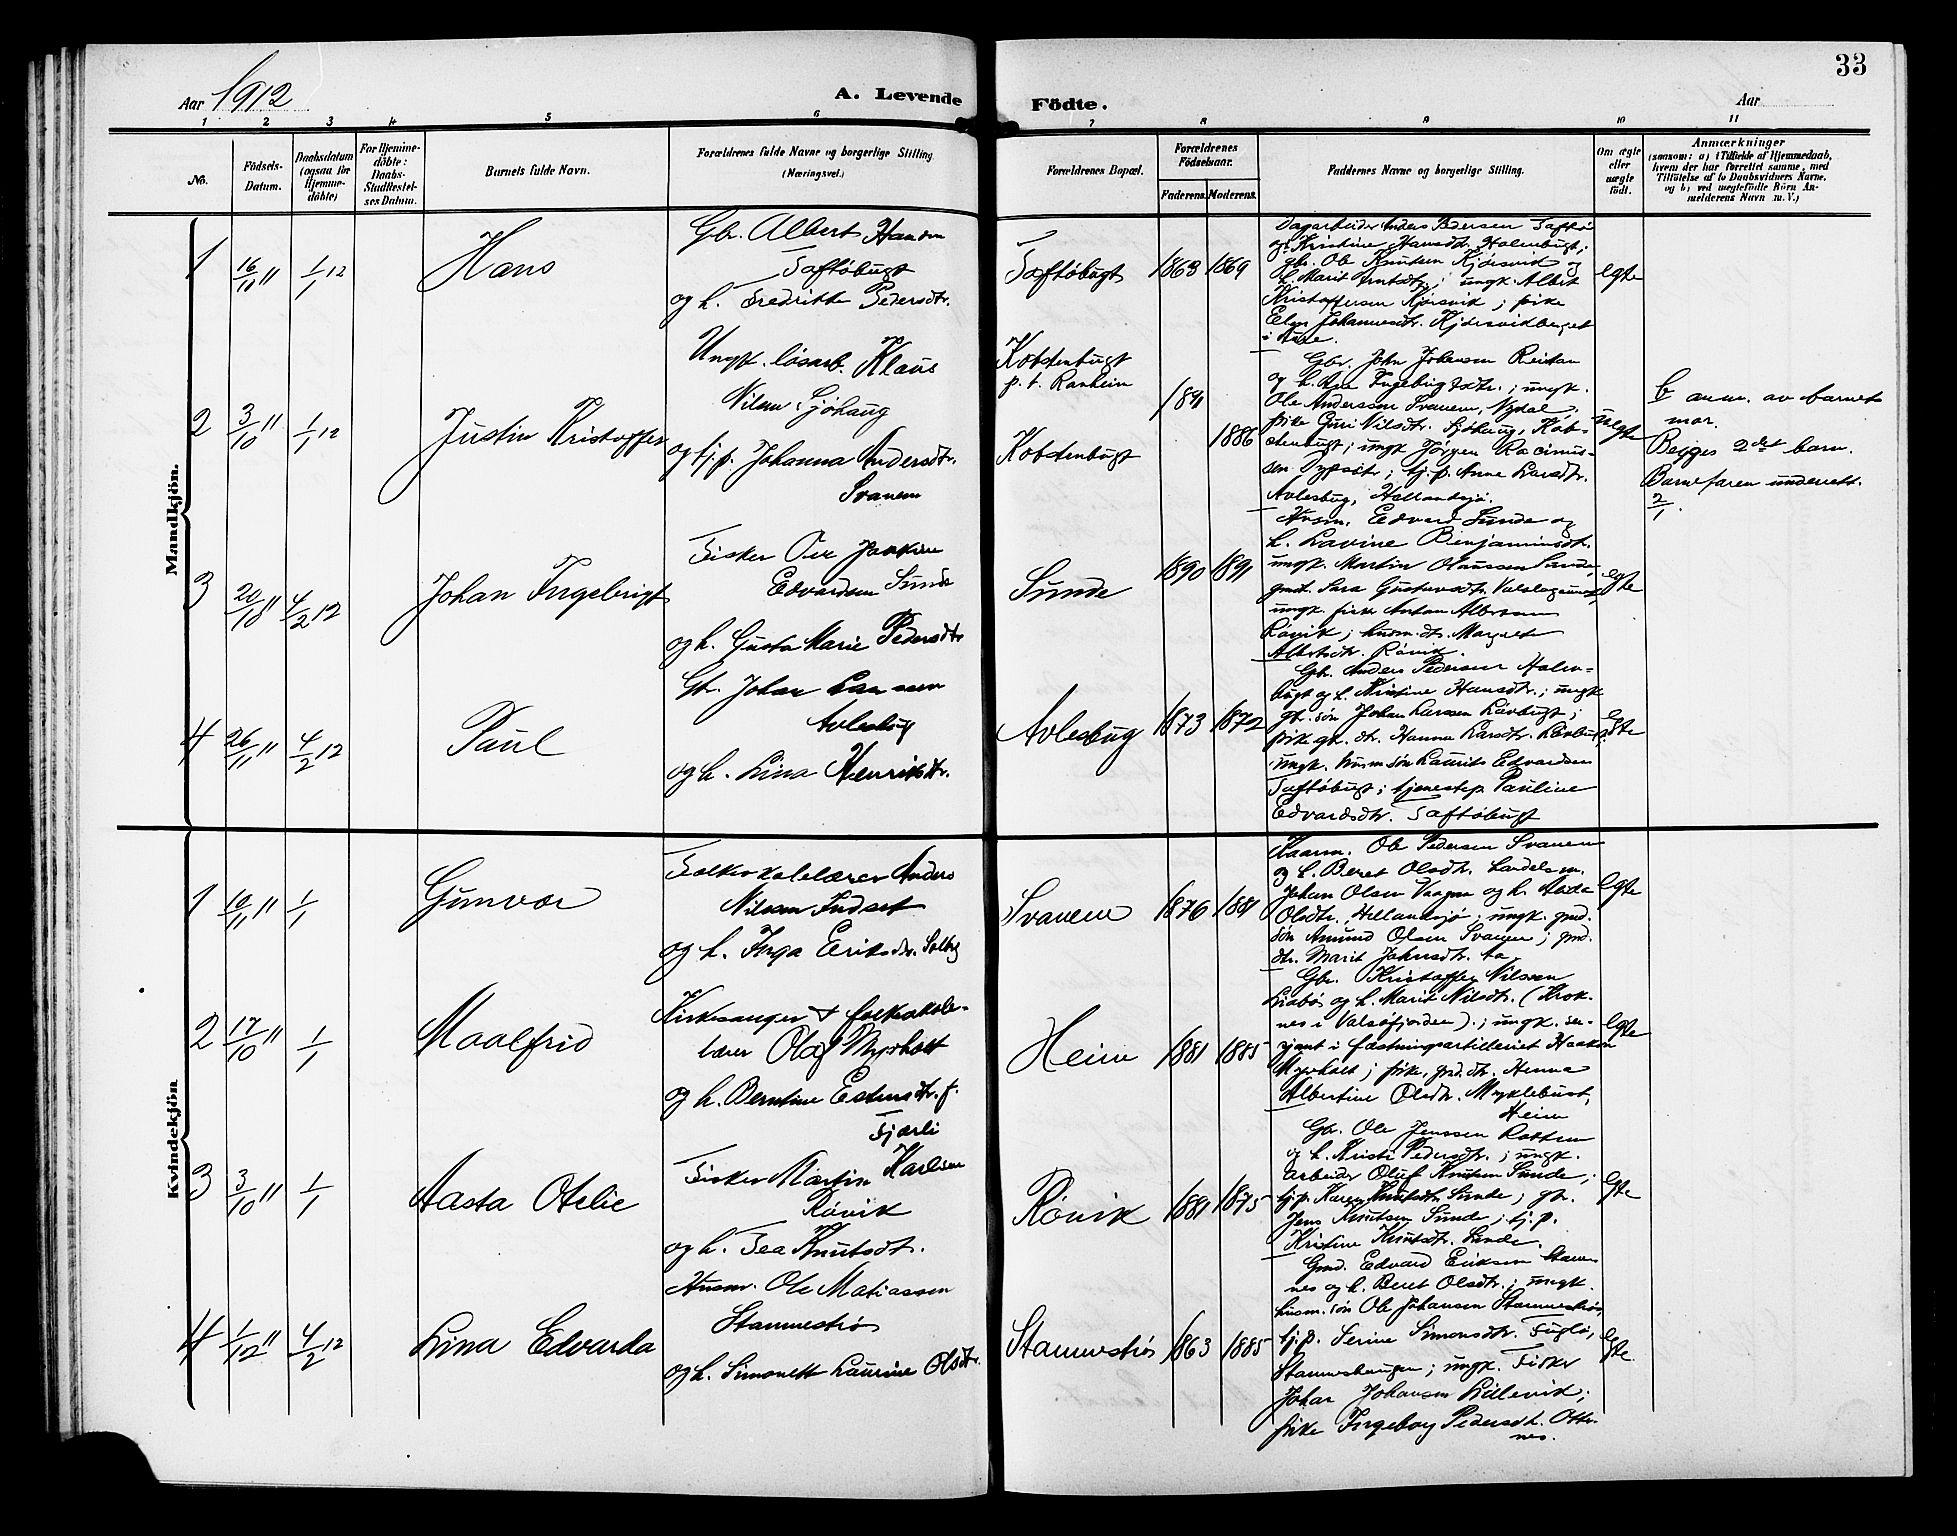 SAT, Ministerialprotokoller, klokkerbøker og fødselsregistre - Sør-Trøndelag, 633/L0520: Klokkerbok nr. 633C02, 1906-1921, s. 33